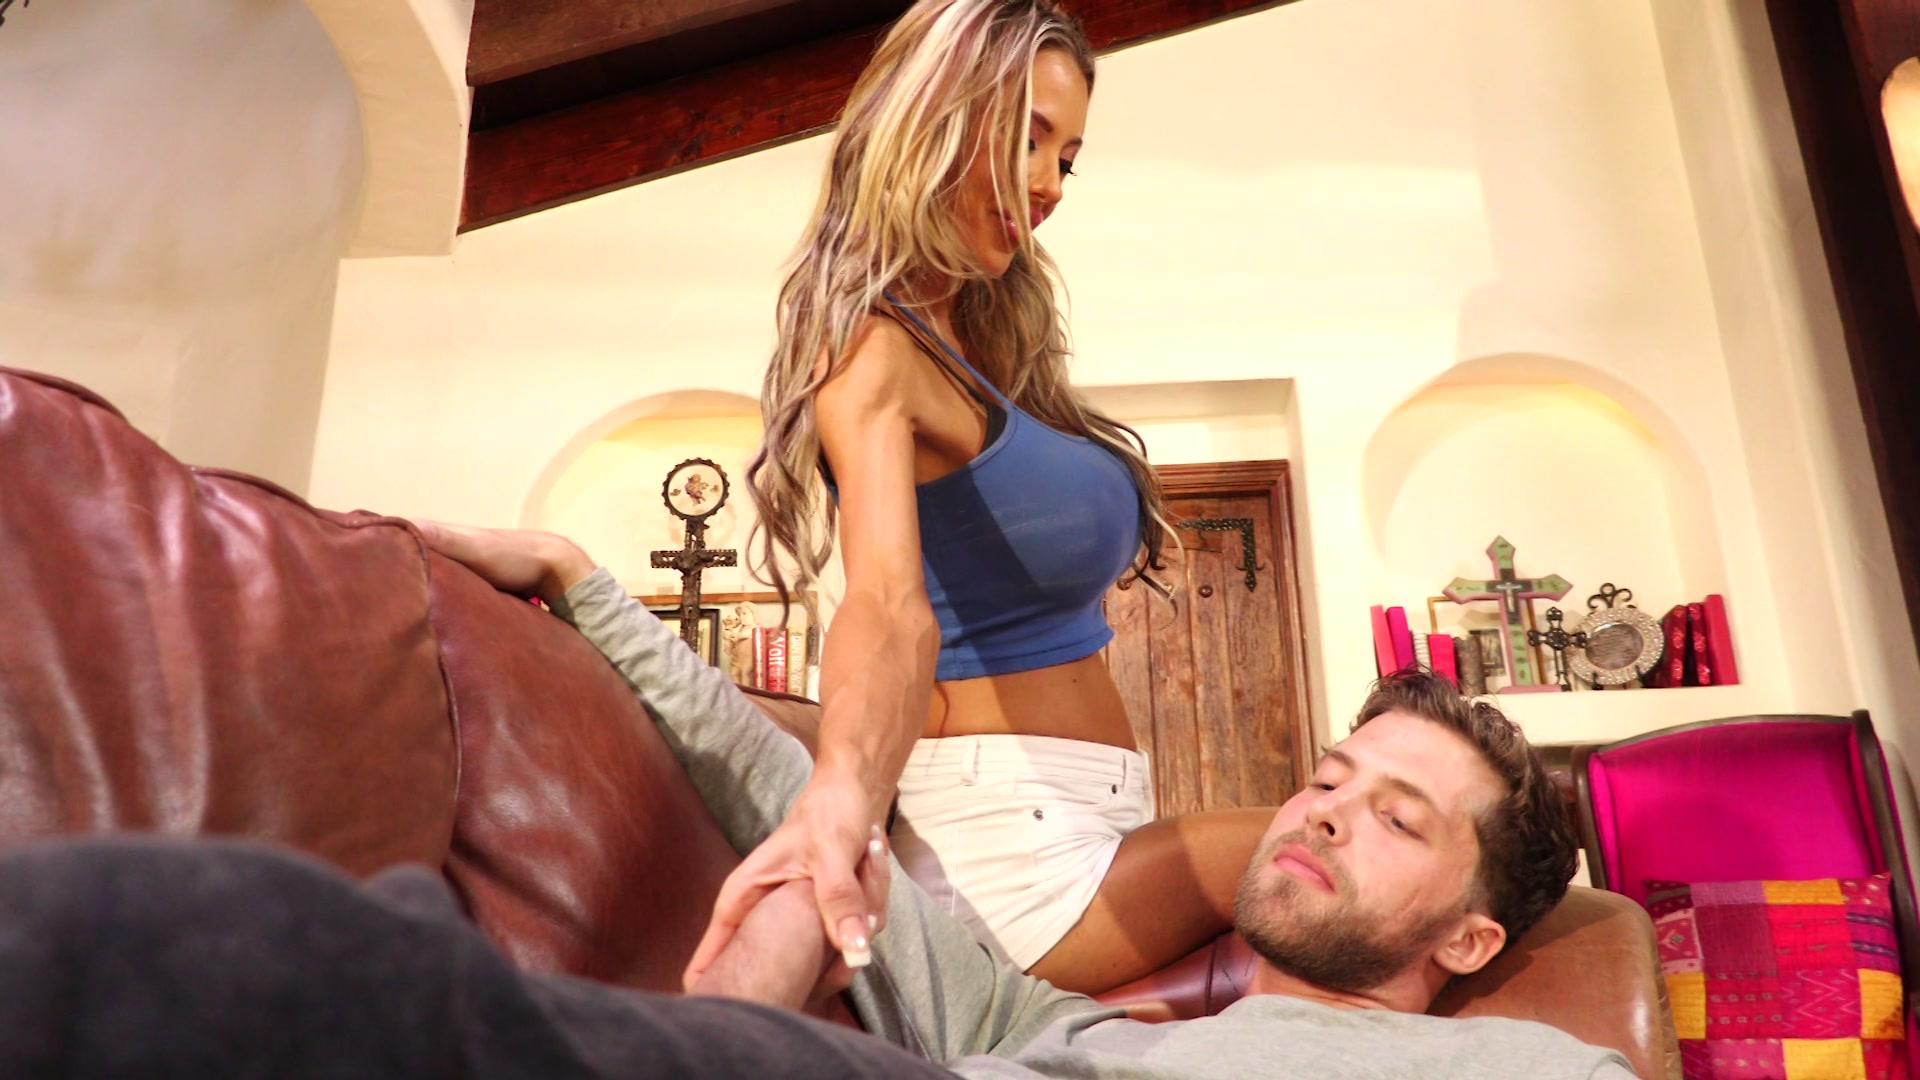 Amateur sister porn